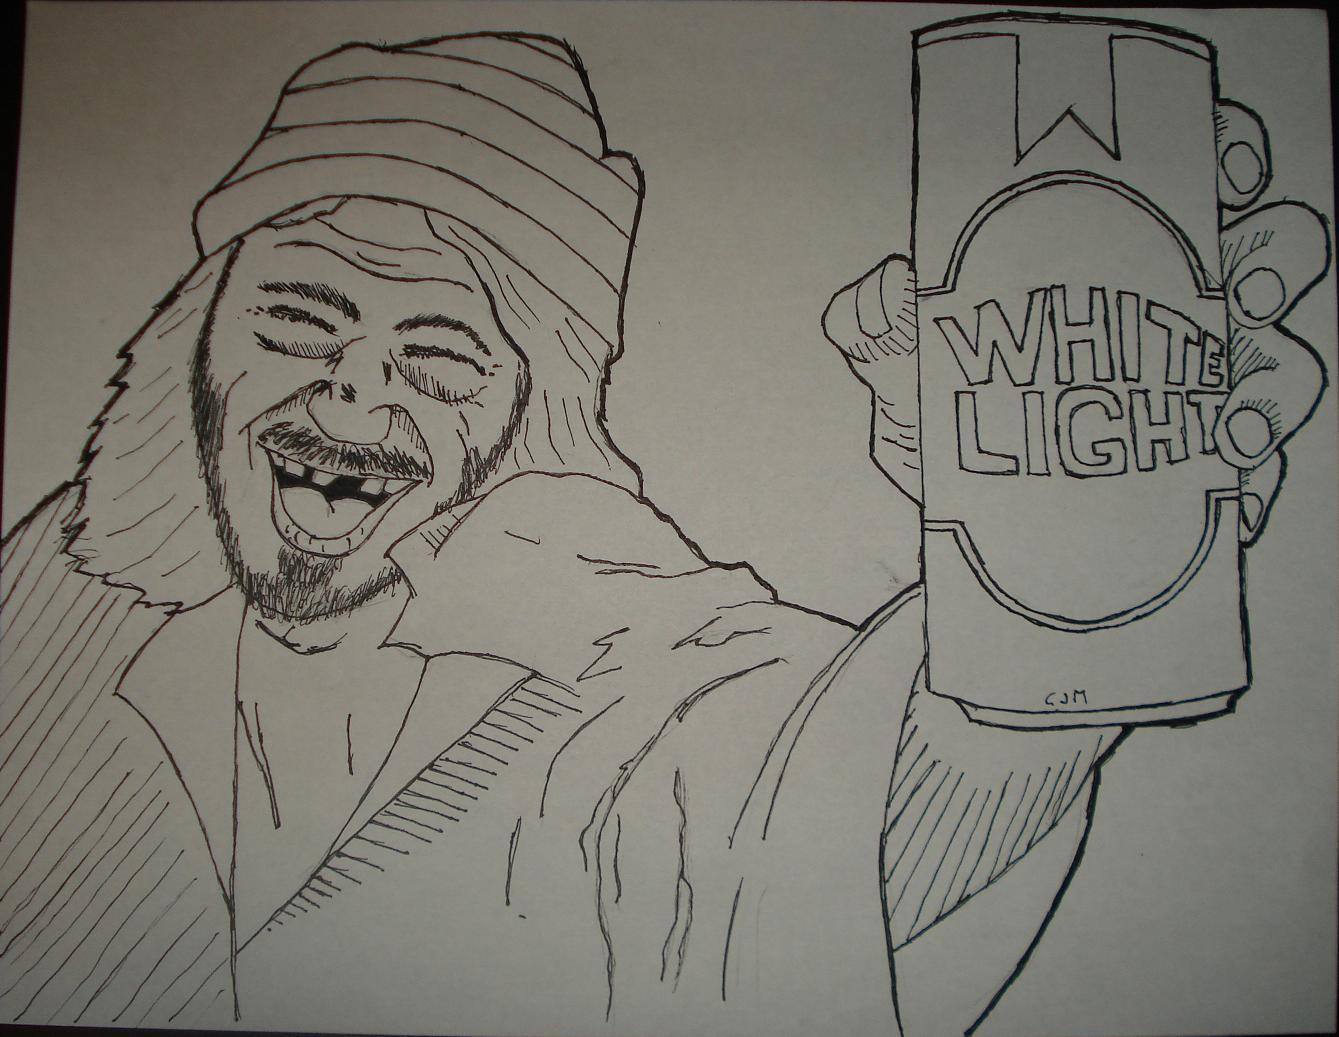 Whit light